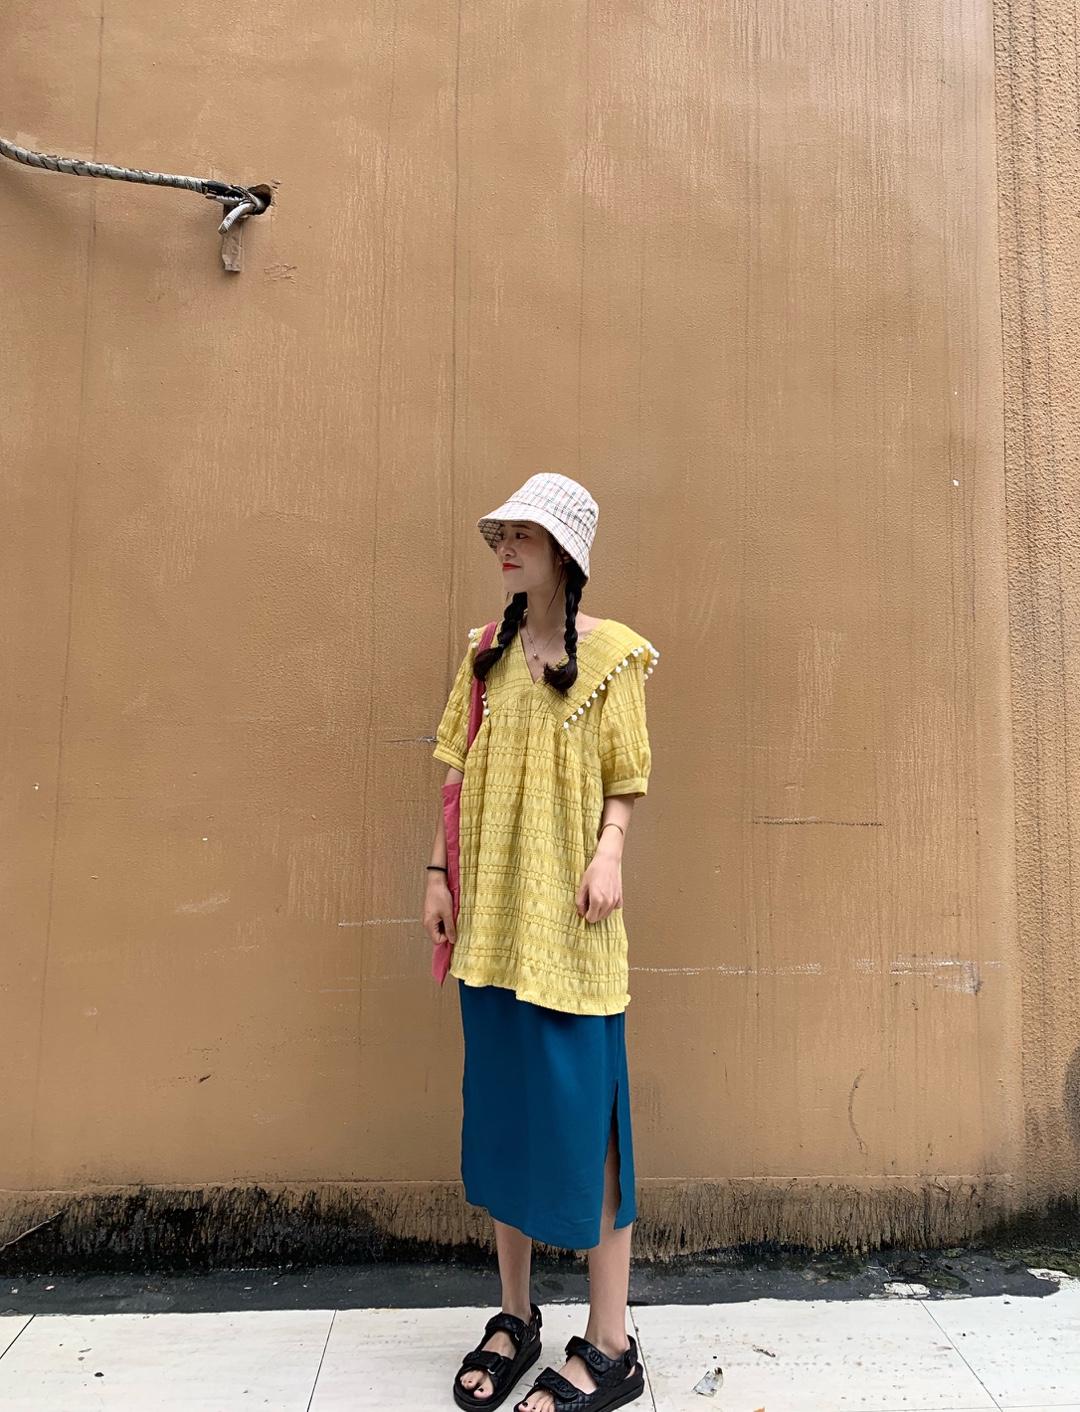 今日look #完美假日出游穿搭# 这套搭配我真的qiao爱滴!!!夏日甜甜的球连衣裙~ 属于偏短的设计,小个子可以直接作为裙子穿的 配个安全裤就OK 炒鸡可爱减龄哦,黄色也巨显白的 是嫩嫩的甜系少女哈~~ 领子是V领的,可以修饰下脸型的  灰常显脸小哦 边上的白色小球球装饰,给整体造型加分不少的 是我敲爱的地方呀 面料本身是带有抽皱的设计,比较特别的 纹理感也hin强! 反正买就对啦 推荐高个子的宝宝搭配开叉裙一起入手哦  随意配双凉拖就可以靓丽出街的